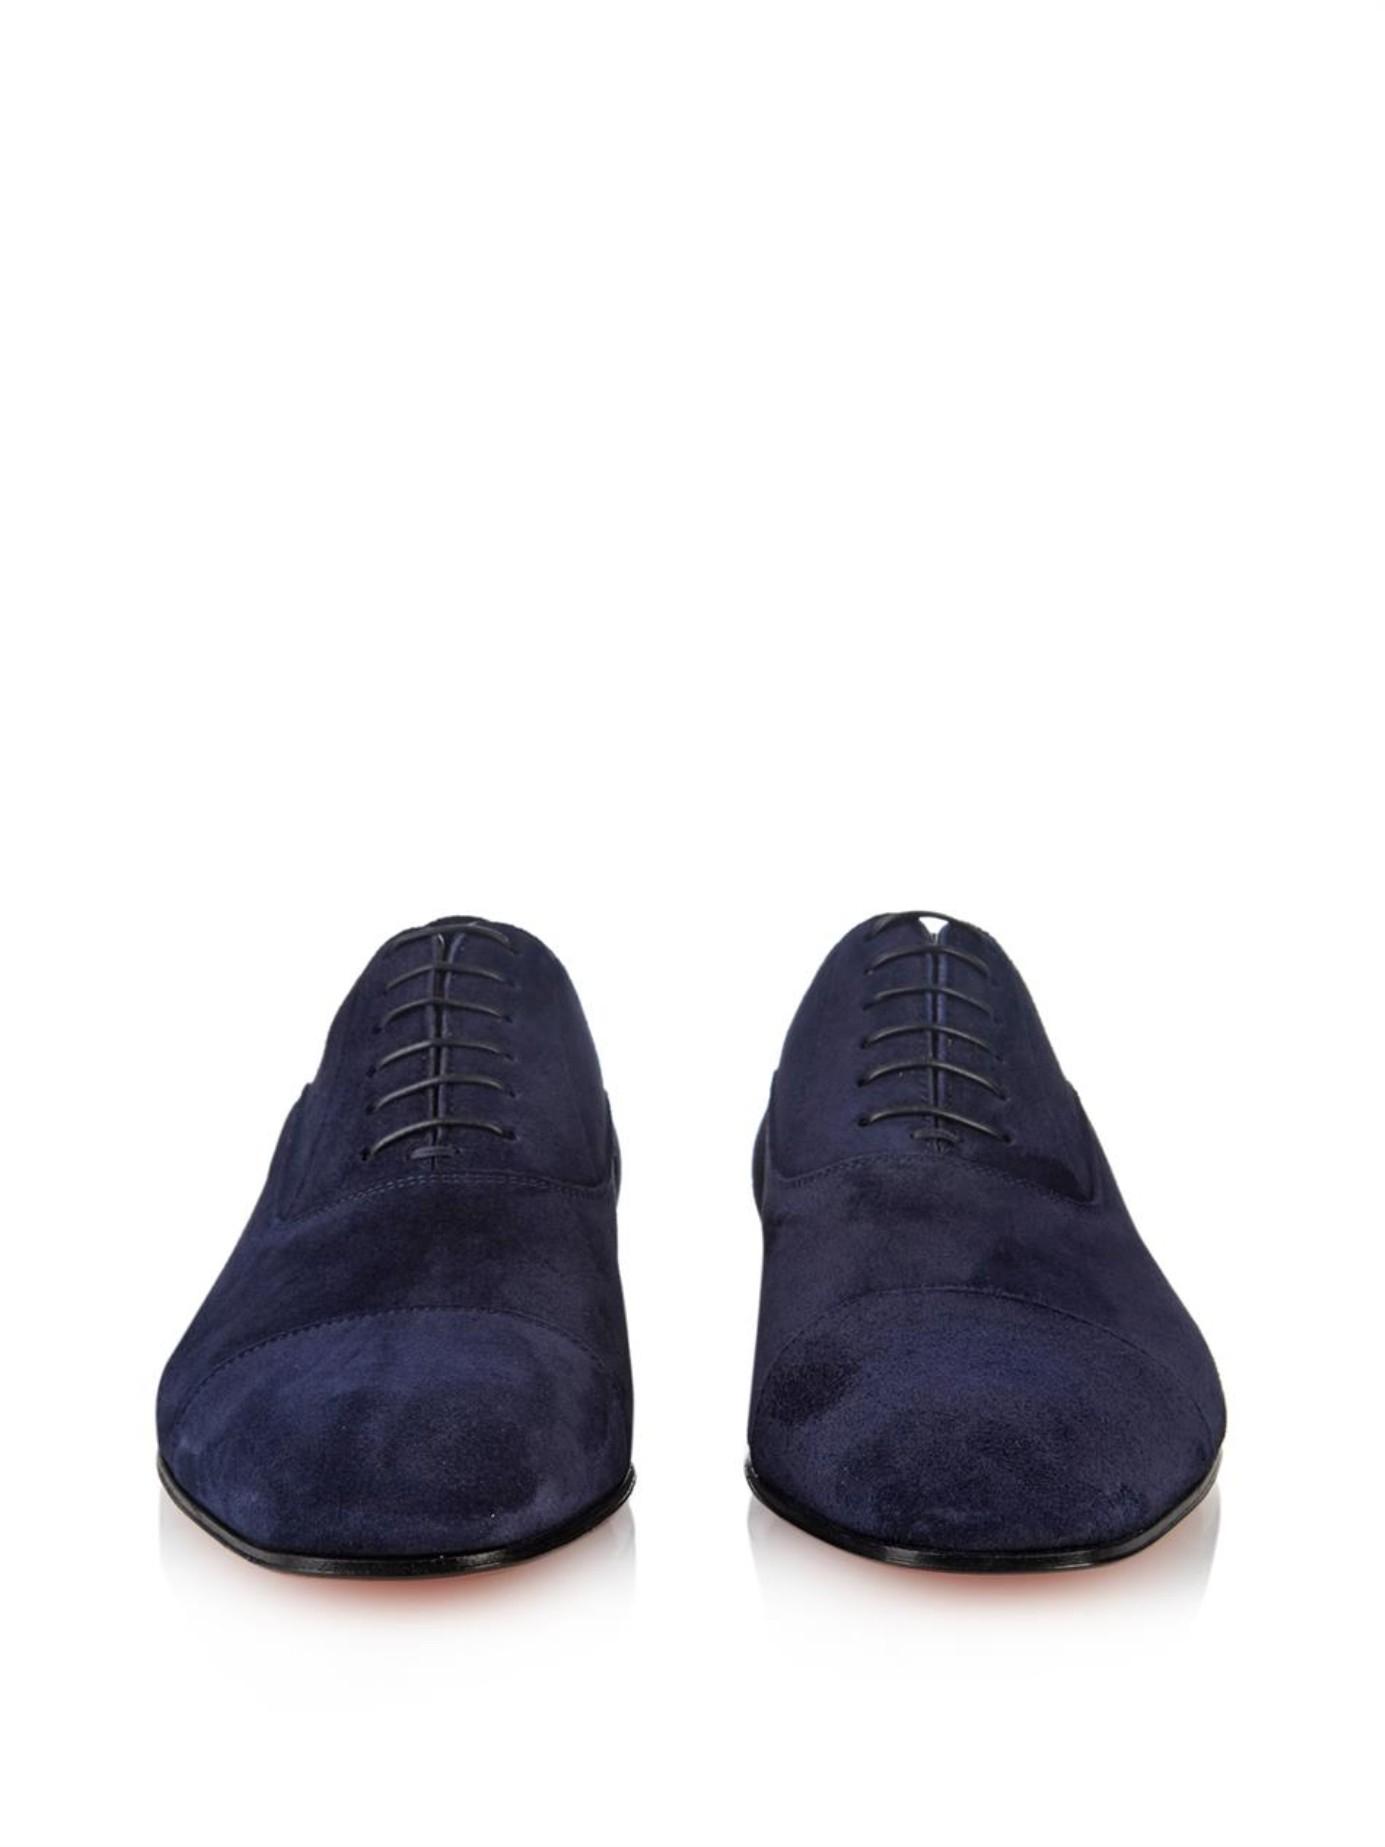 Men S Hamilton Lace Up Shoes